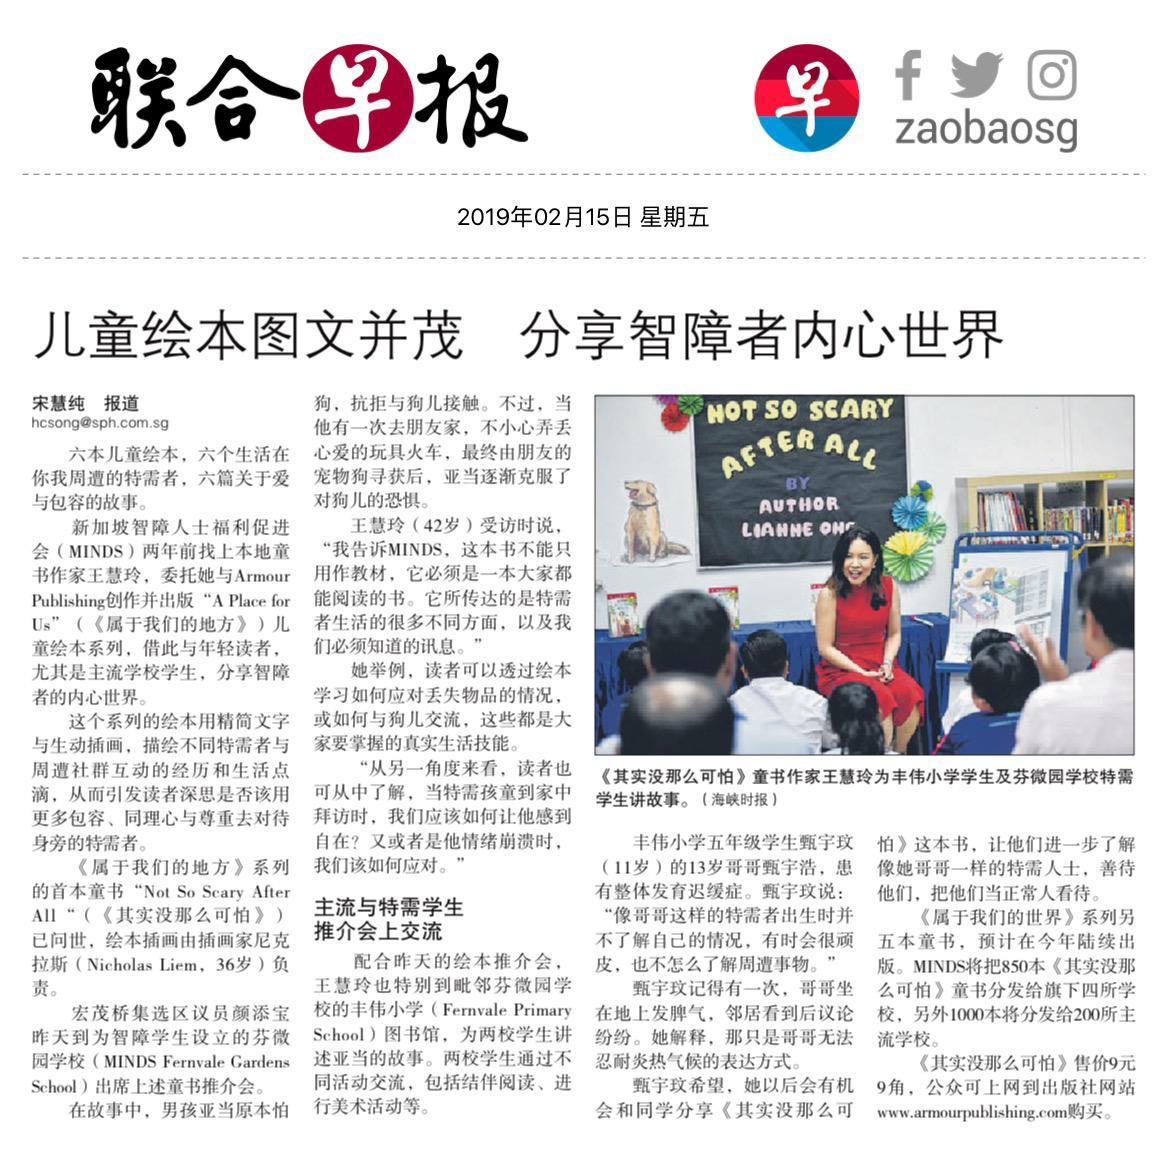 Lianhe Zaobao 15 February 2019